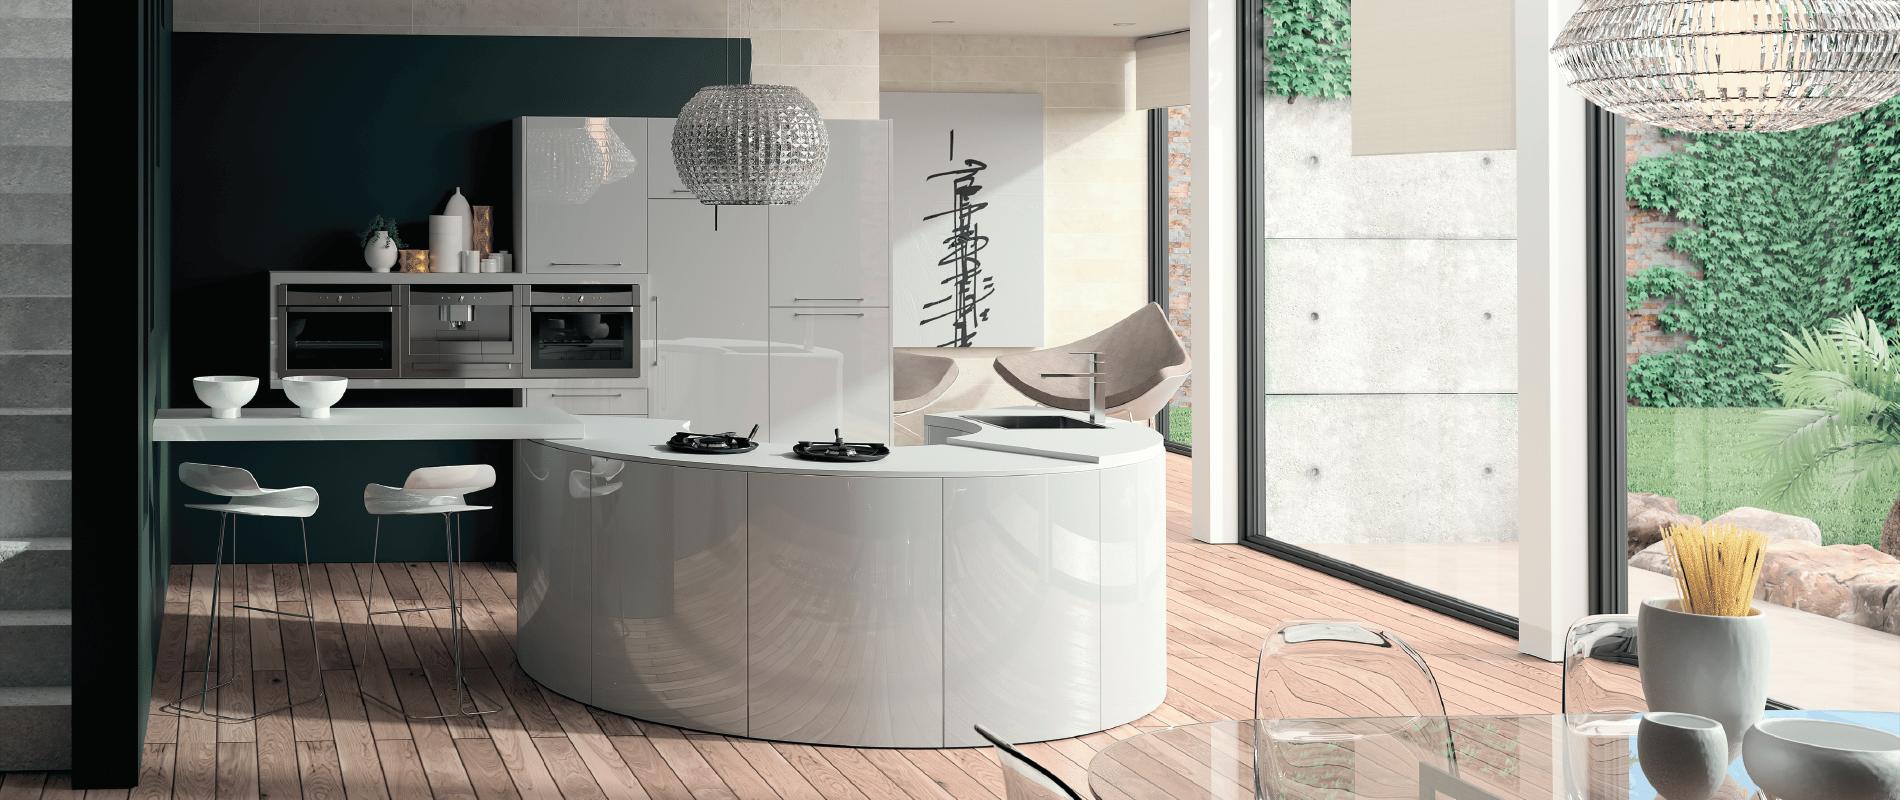 Cuisine quipe blanc laqu image cuisine moderne img1 for Cuisine design